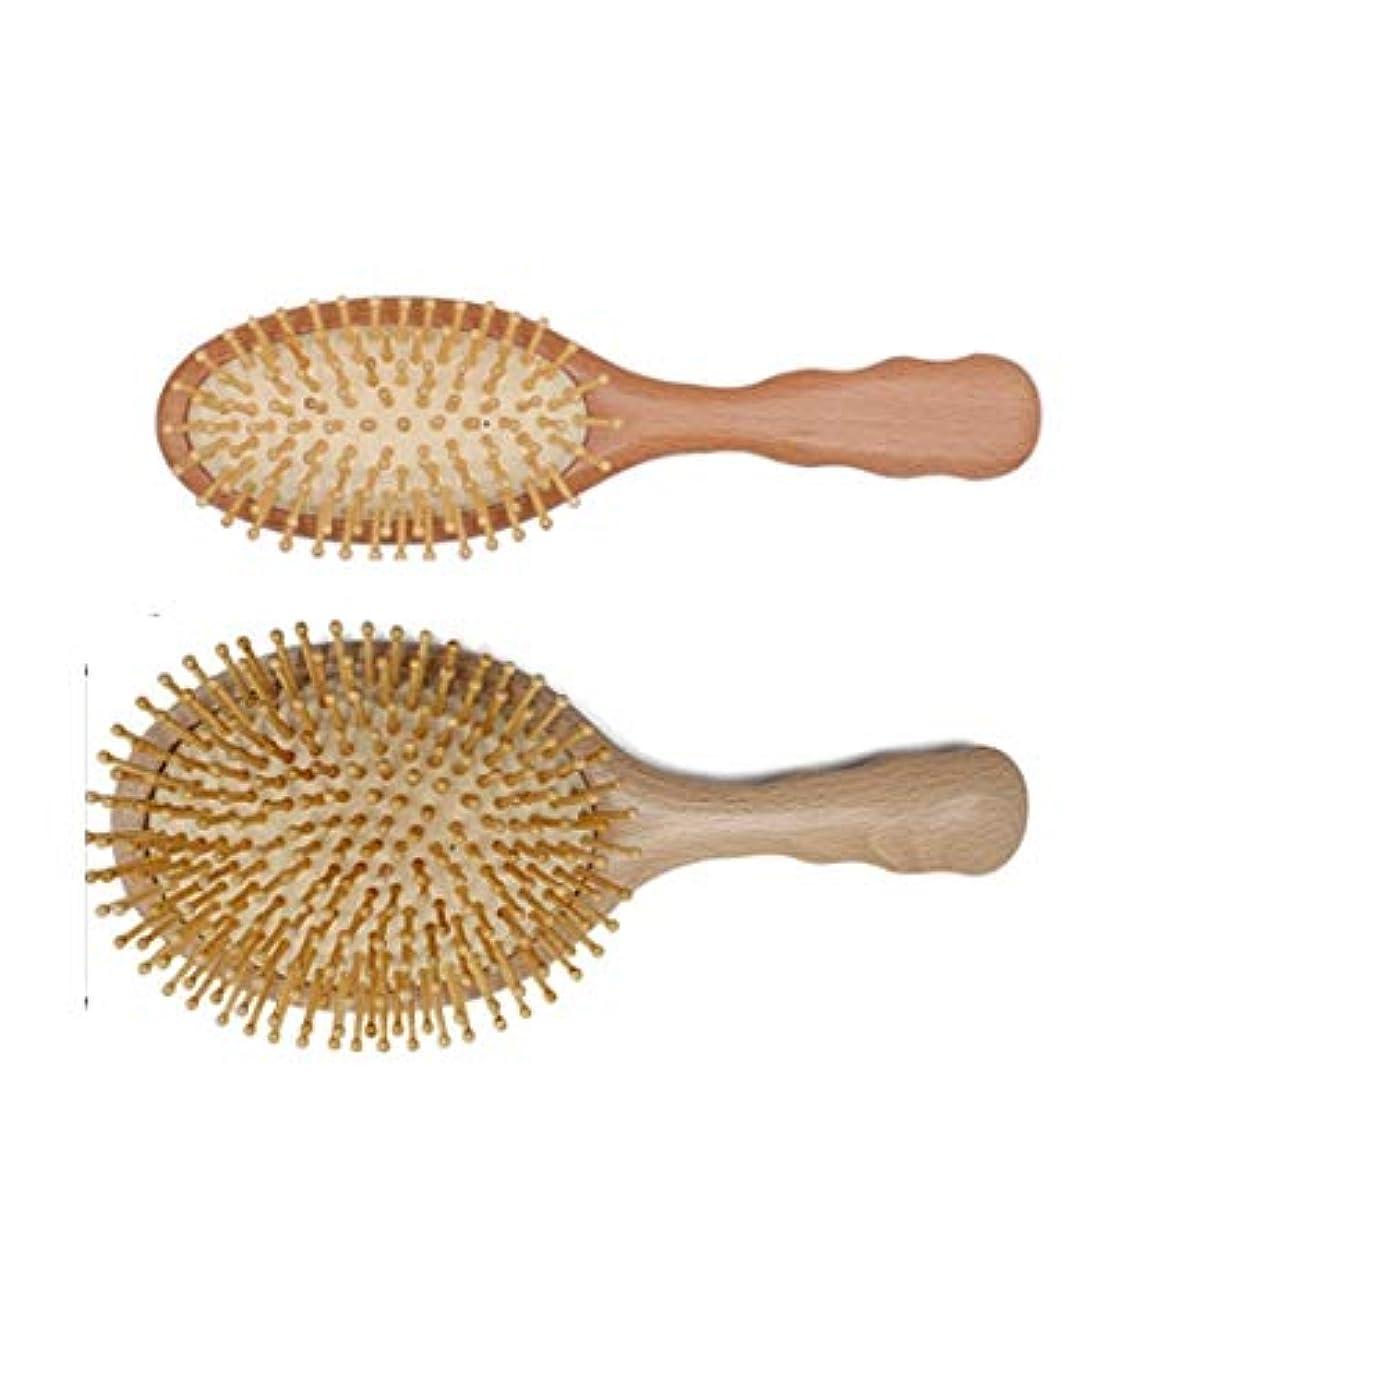 責める他の日寄生虫Guomao 人のための木製の剛毛のマッサージの頭皮の櫛が付いている木製のゴム製ヘアブラシ10inch (サイズ : L)